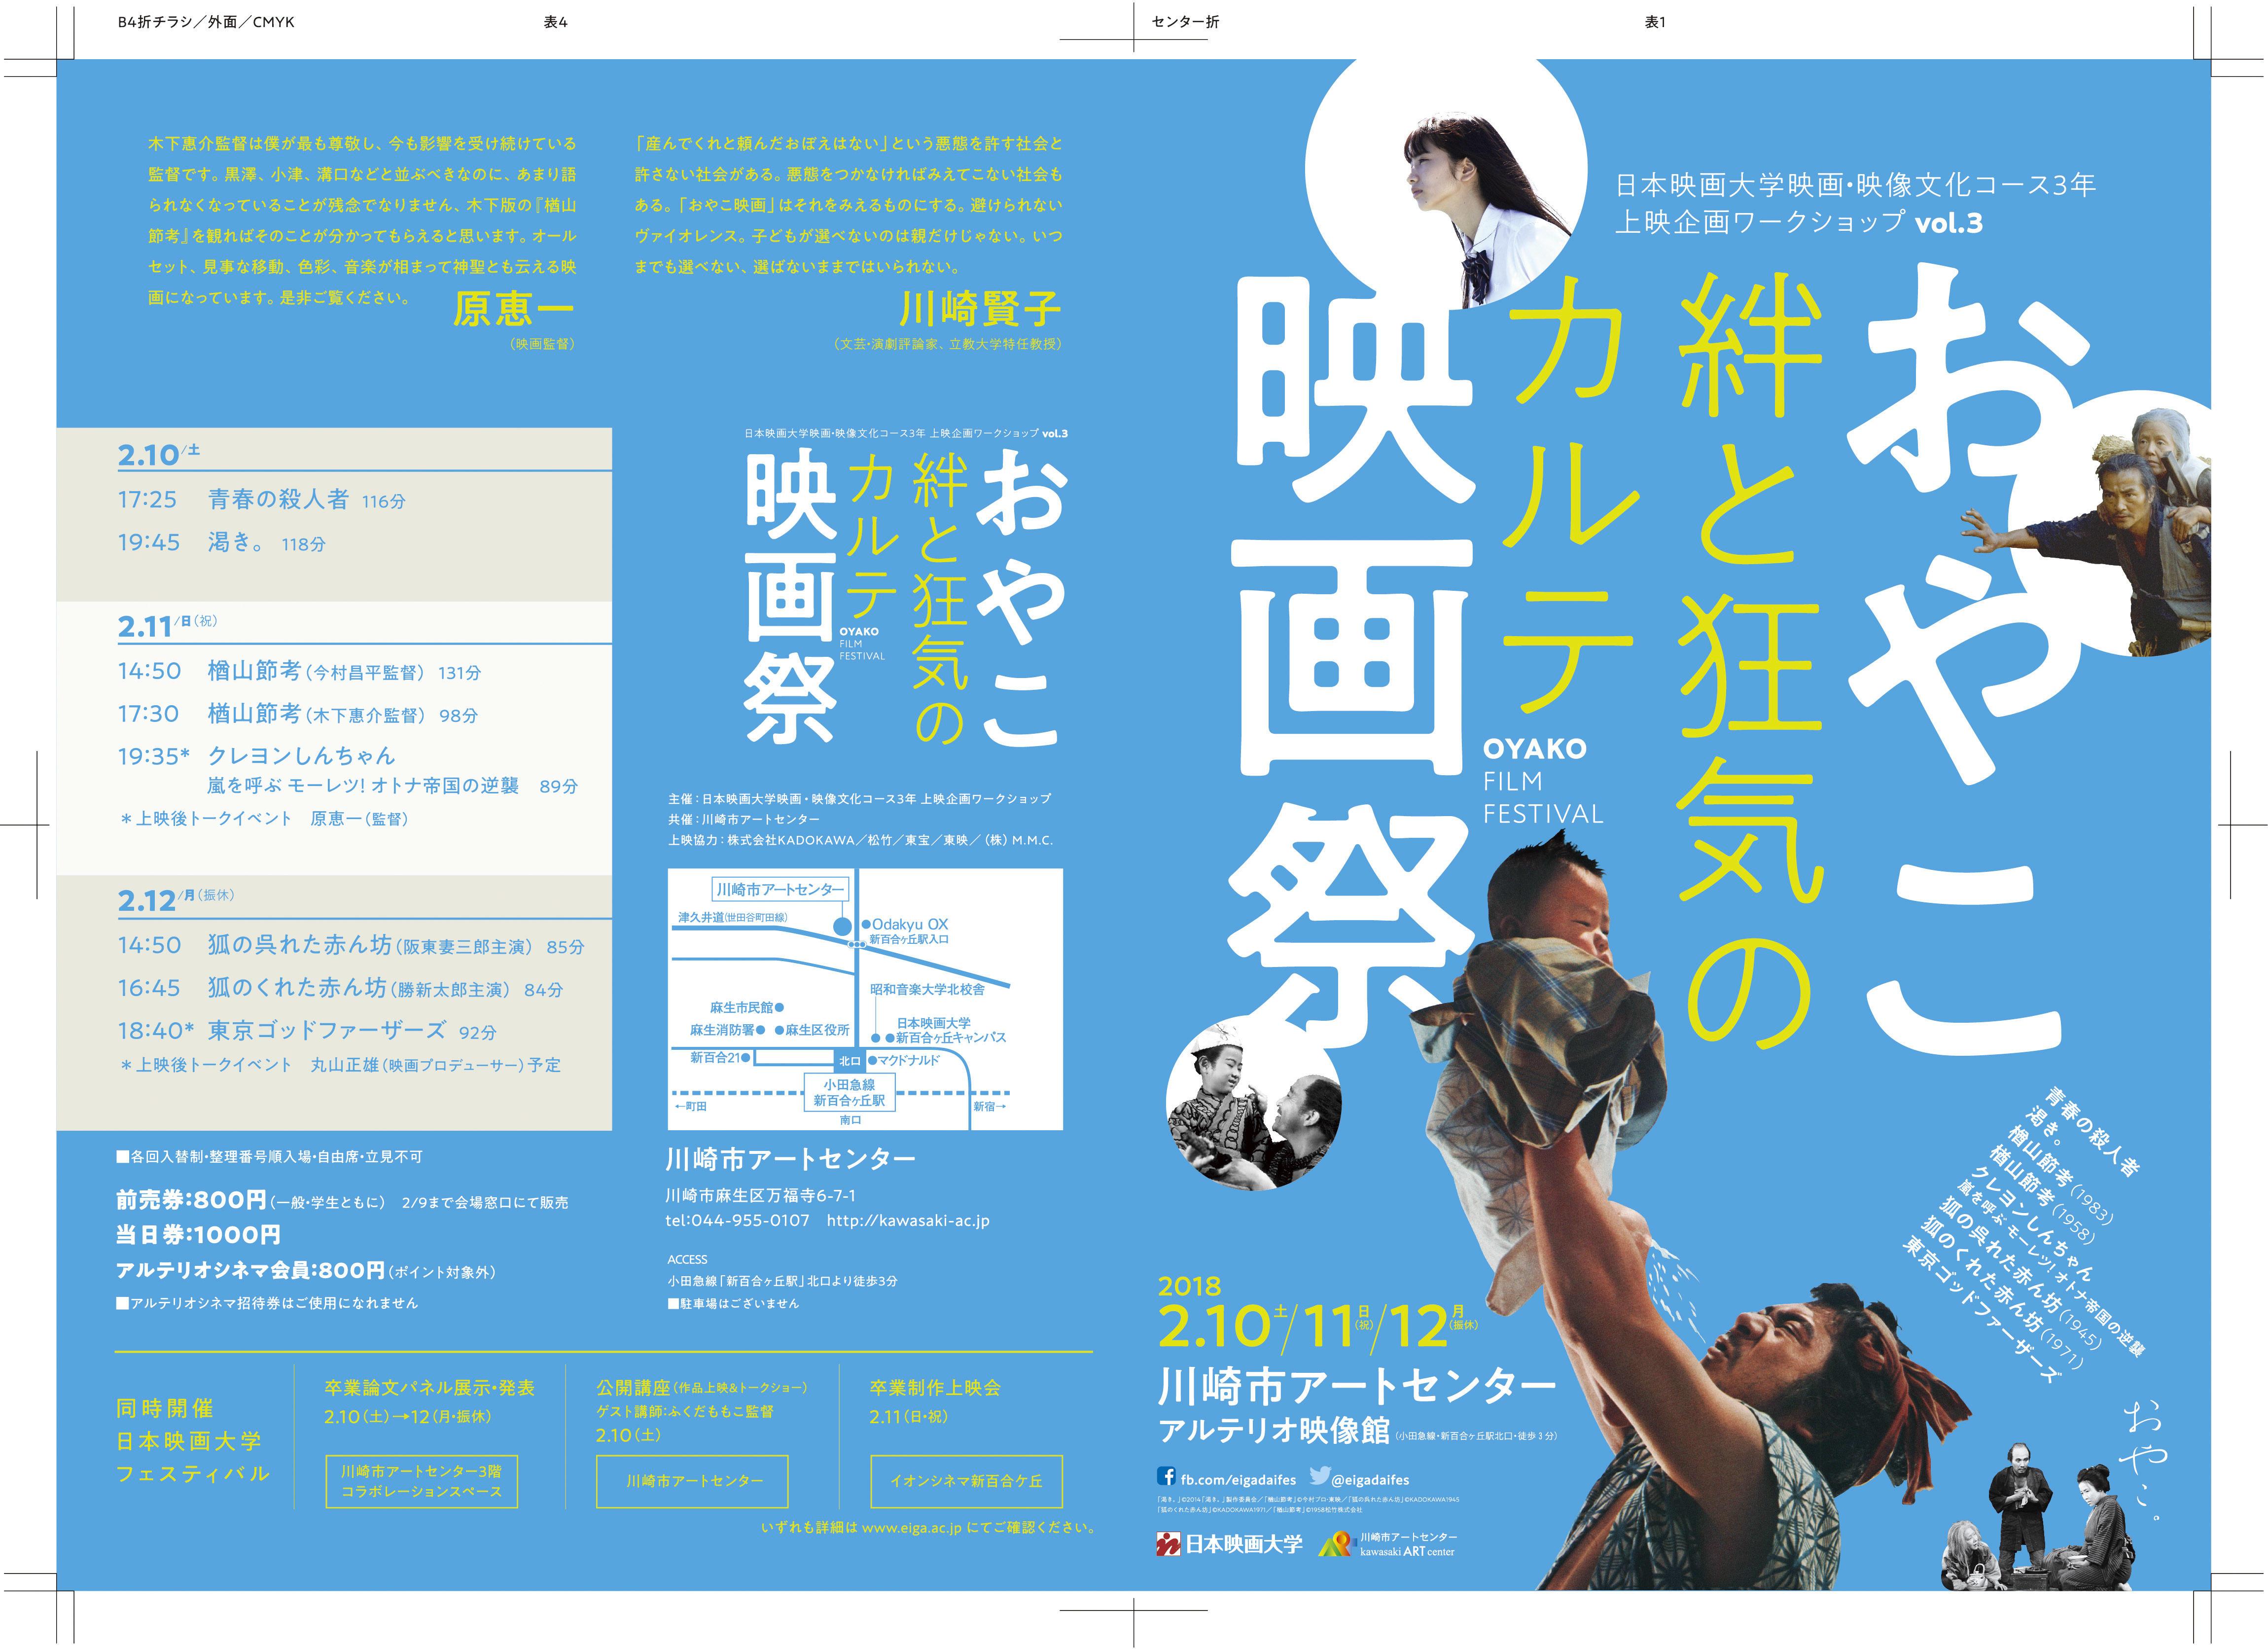 日本映画大学の3年生が2月10日~12日まで特集上映会「おやこ映画祭~絆と狂気のカルテ」を開催 -- 『オトナ帝国』の原恵一監督も登壇